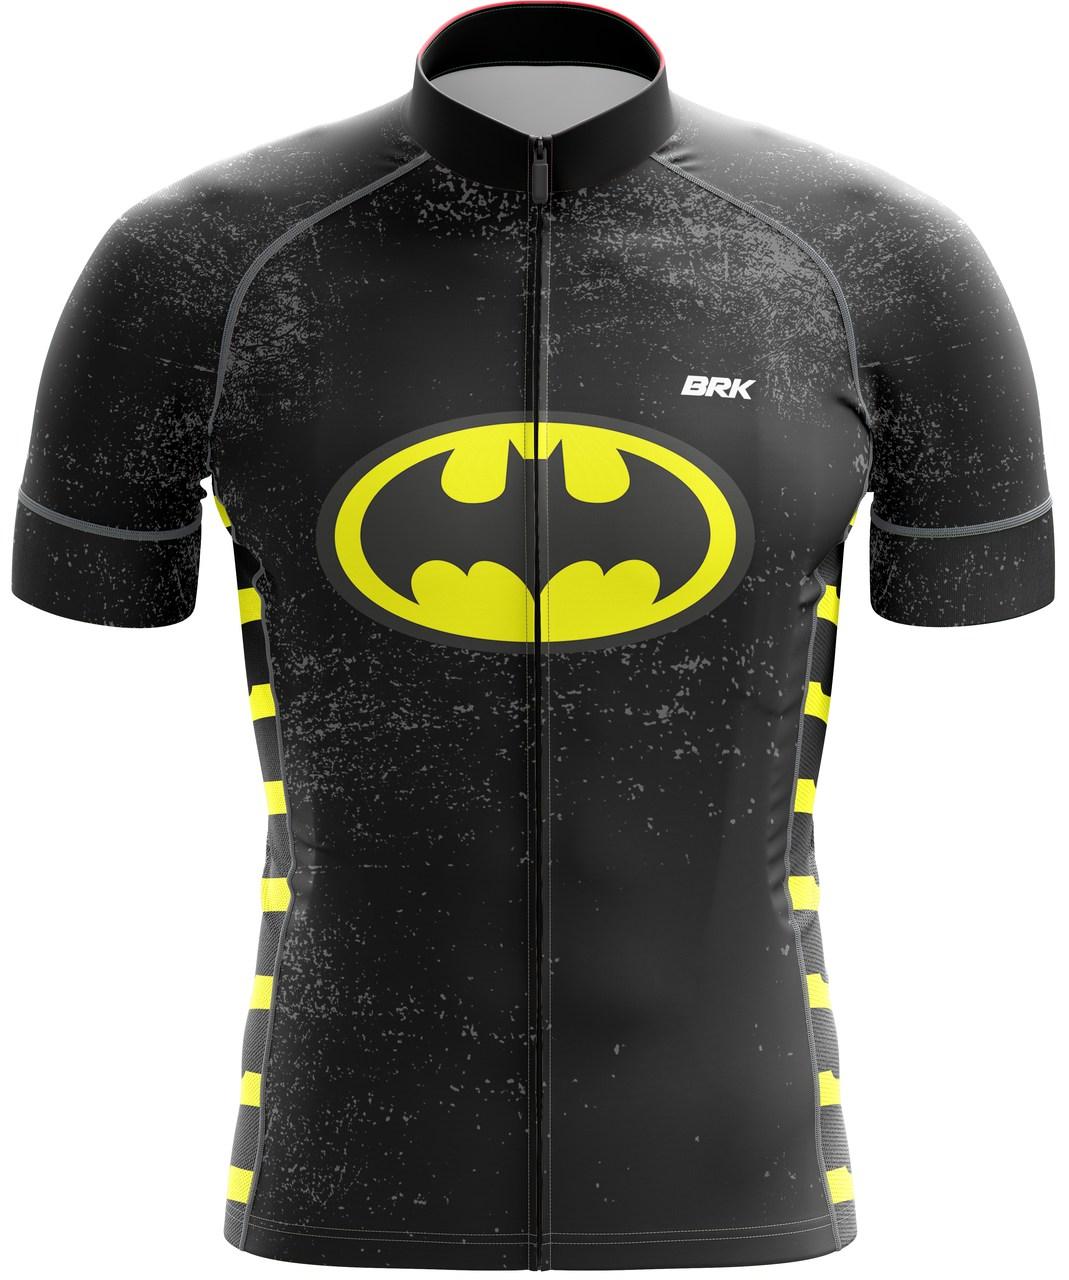 Camisa Ciclismo Brk Batman com FPU 50+